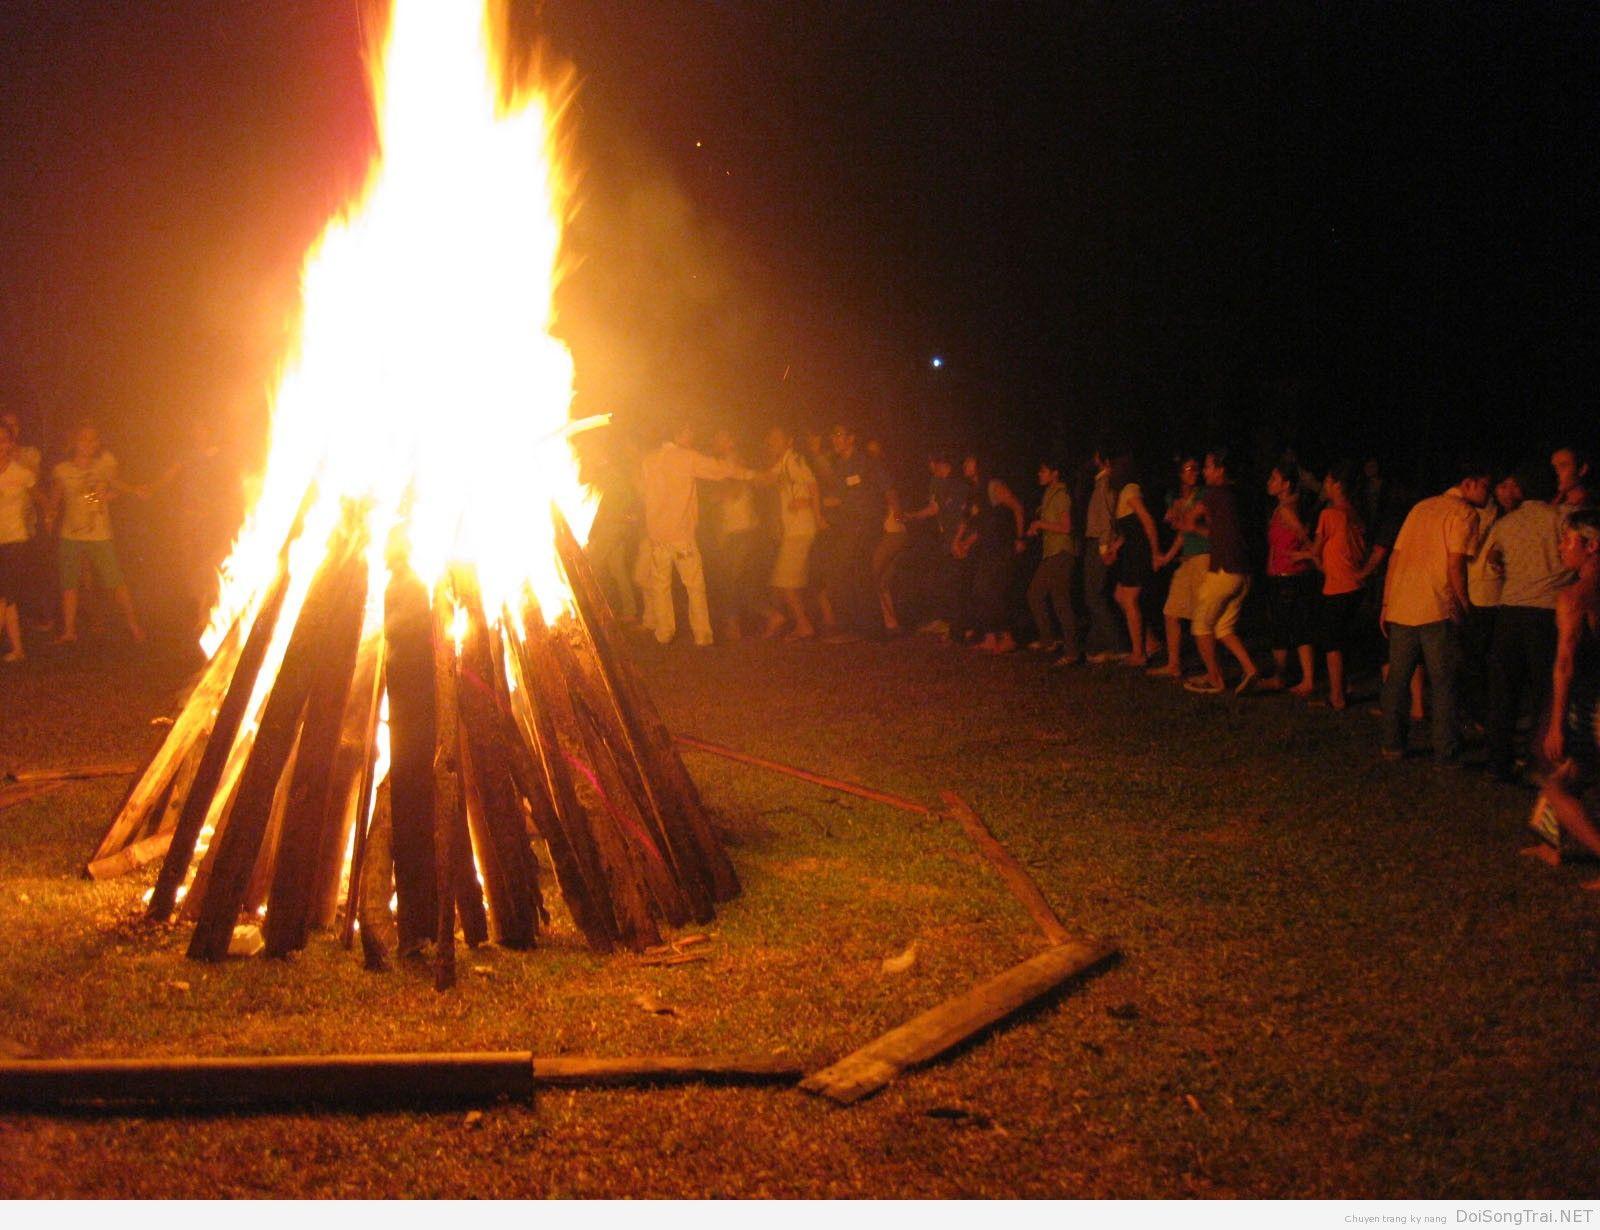 Hình ảnh lửa trại sáng rực